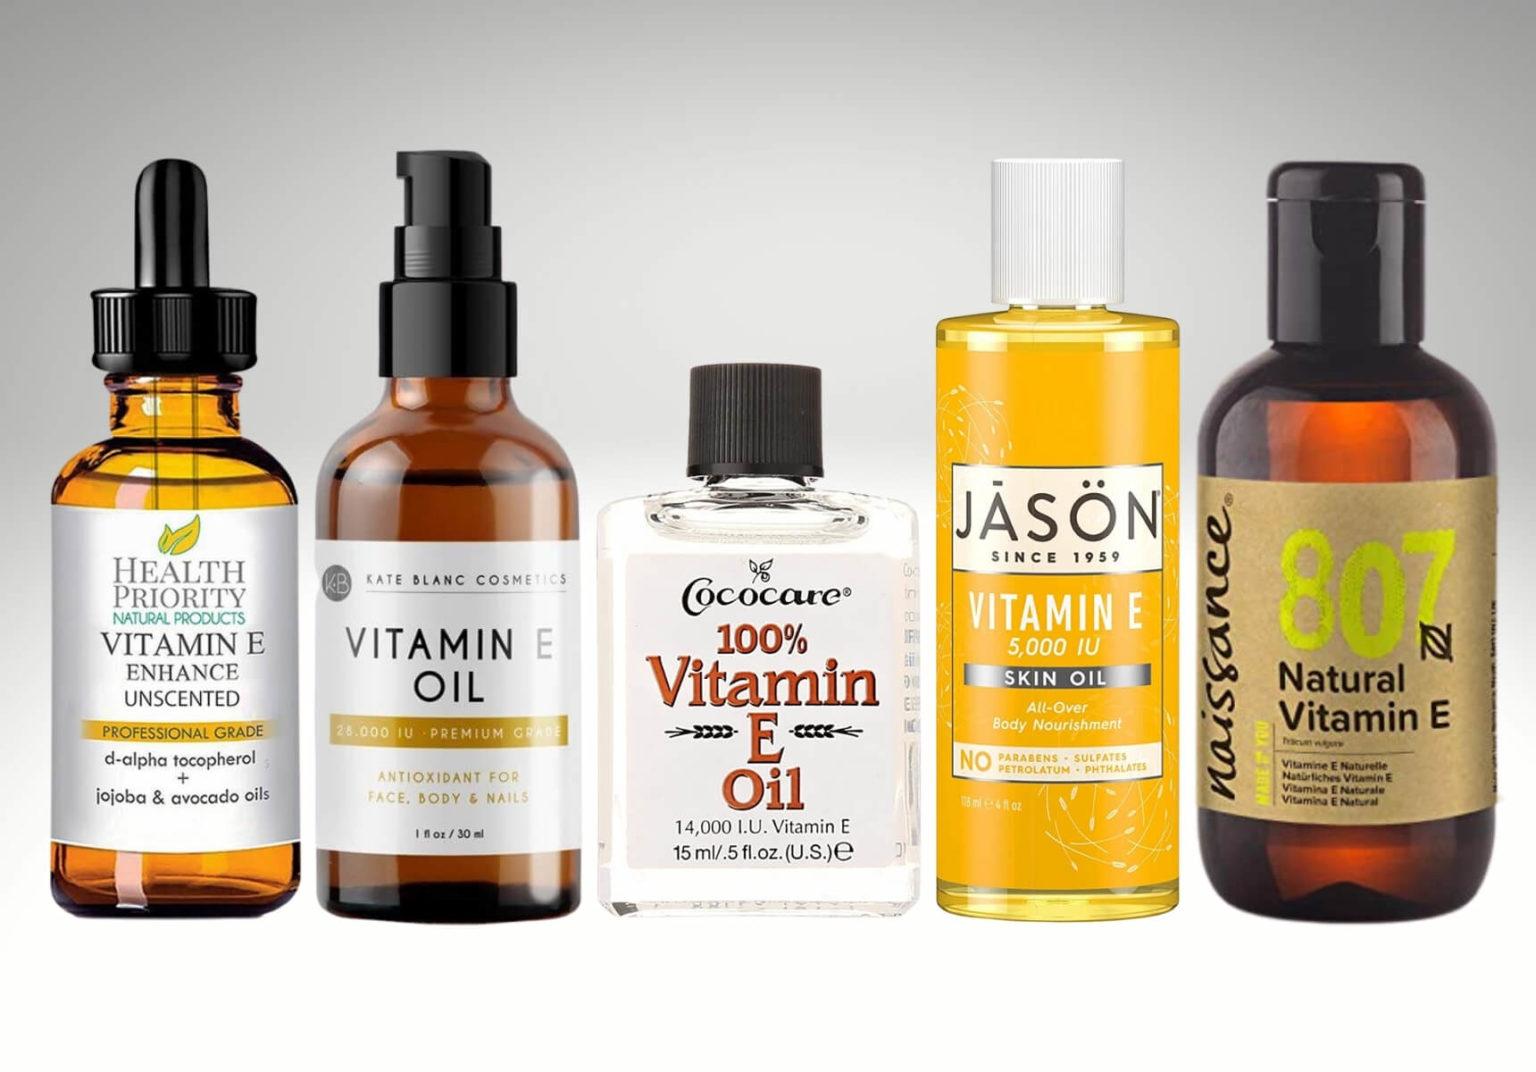 miglior-olio-di-vitamina-e